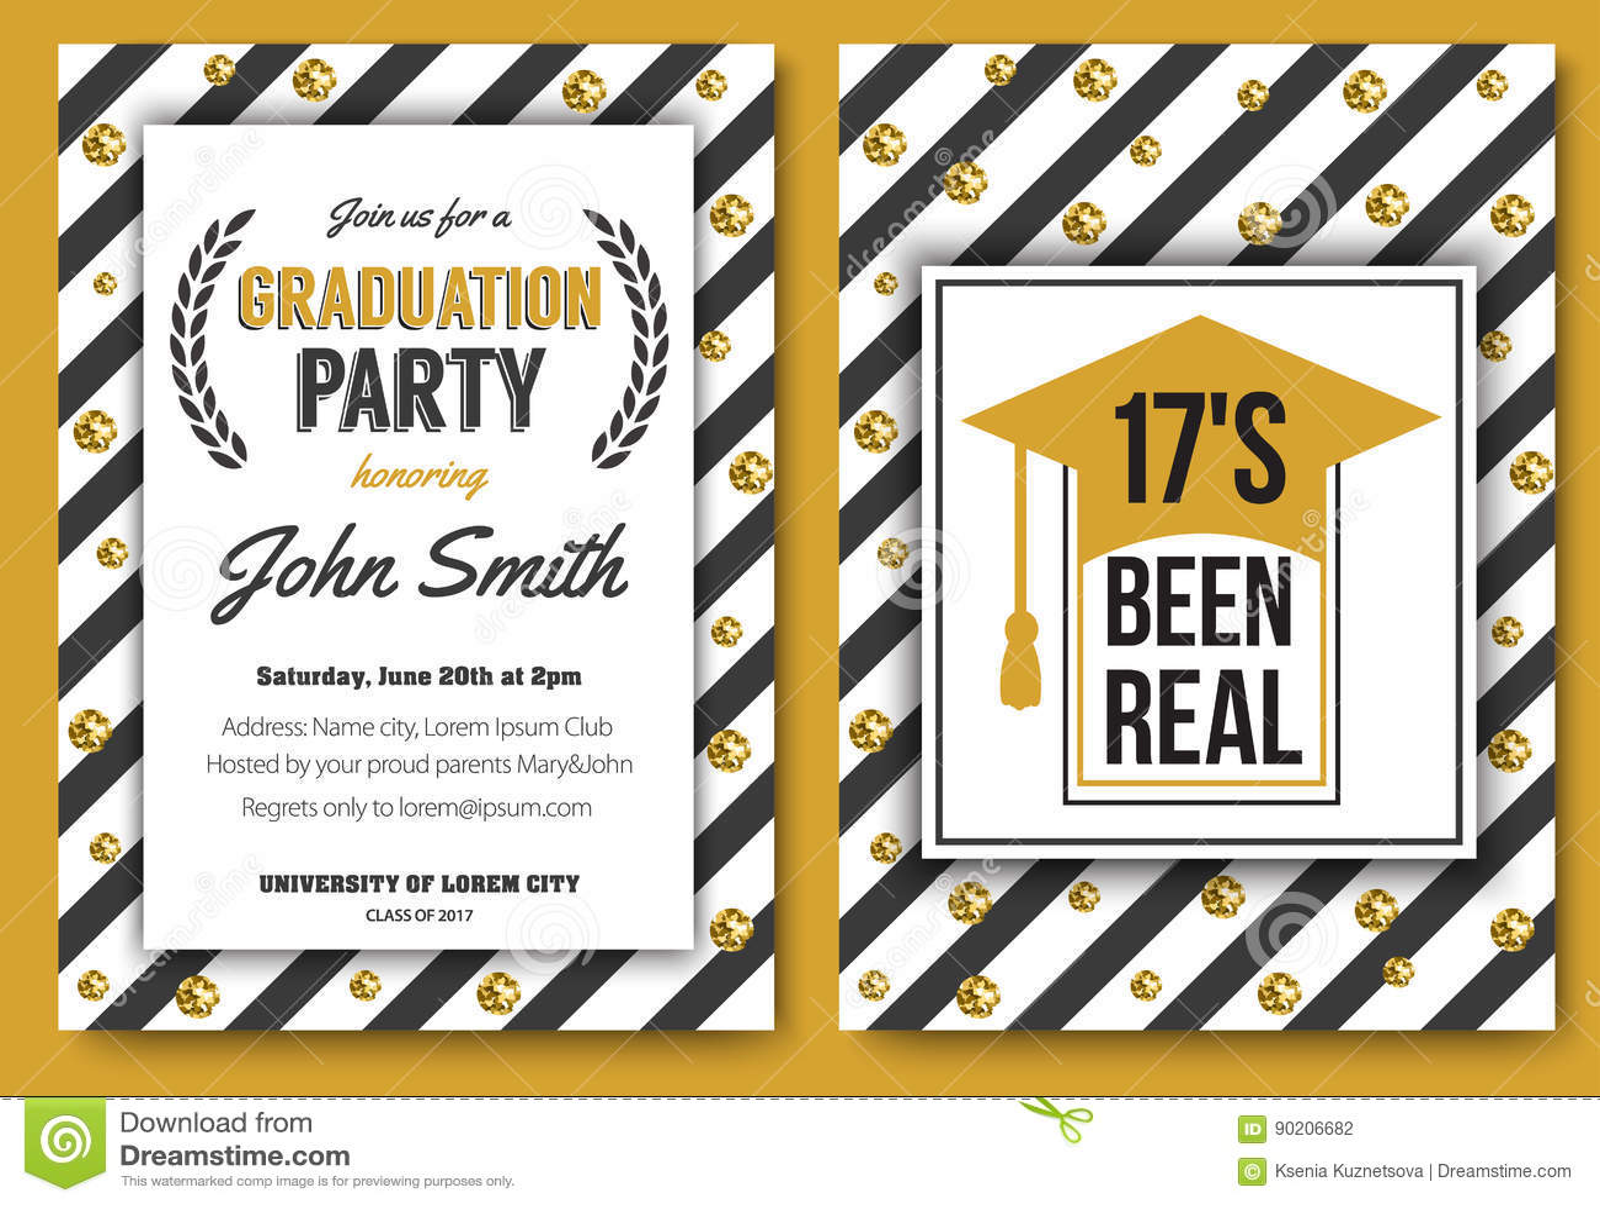 Invitación Del Partido De Graduación Imagen de archivo - Imagen de ...